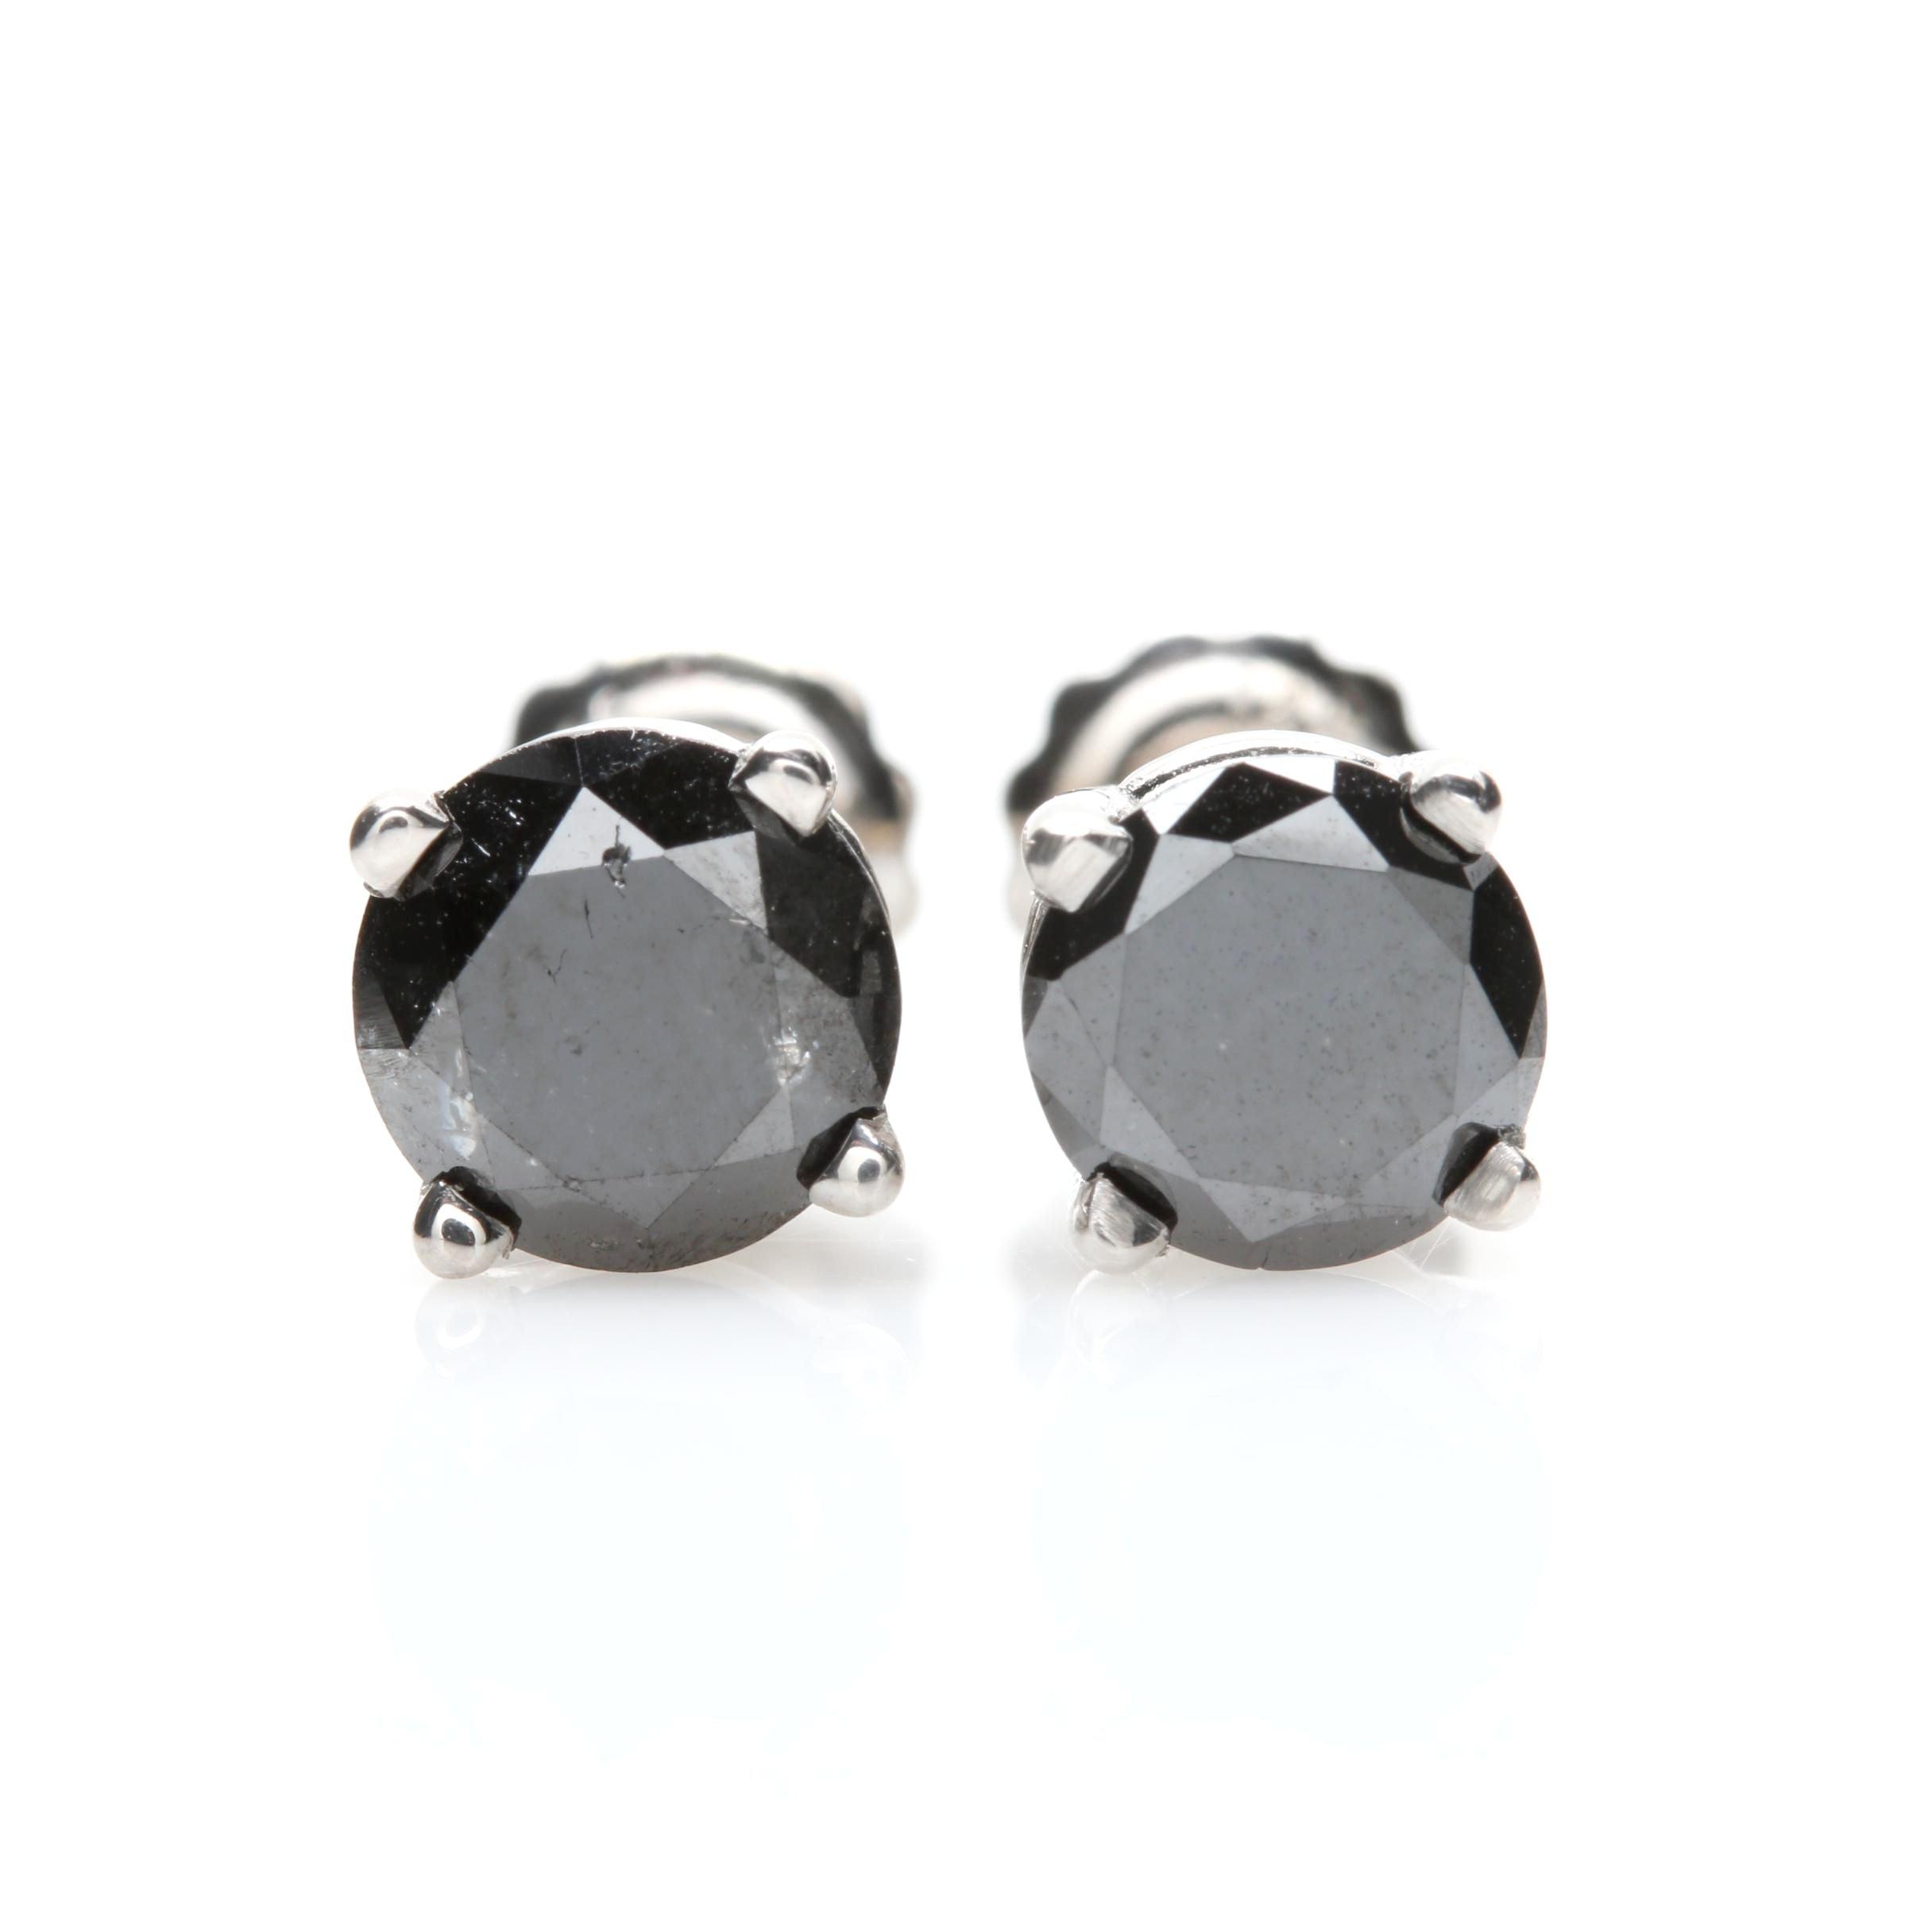 14K White Gold 1.60 CTW Black Diamond Stud Earrings